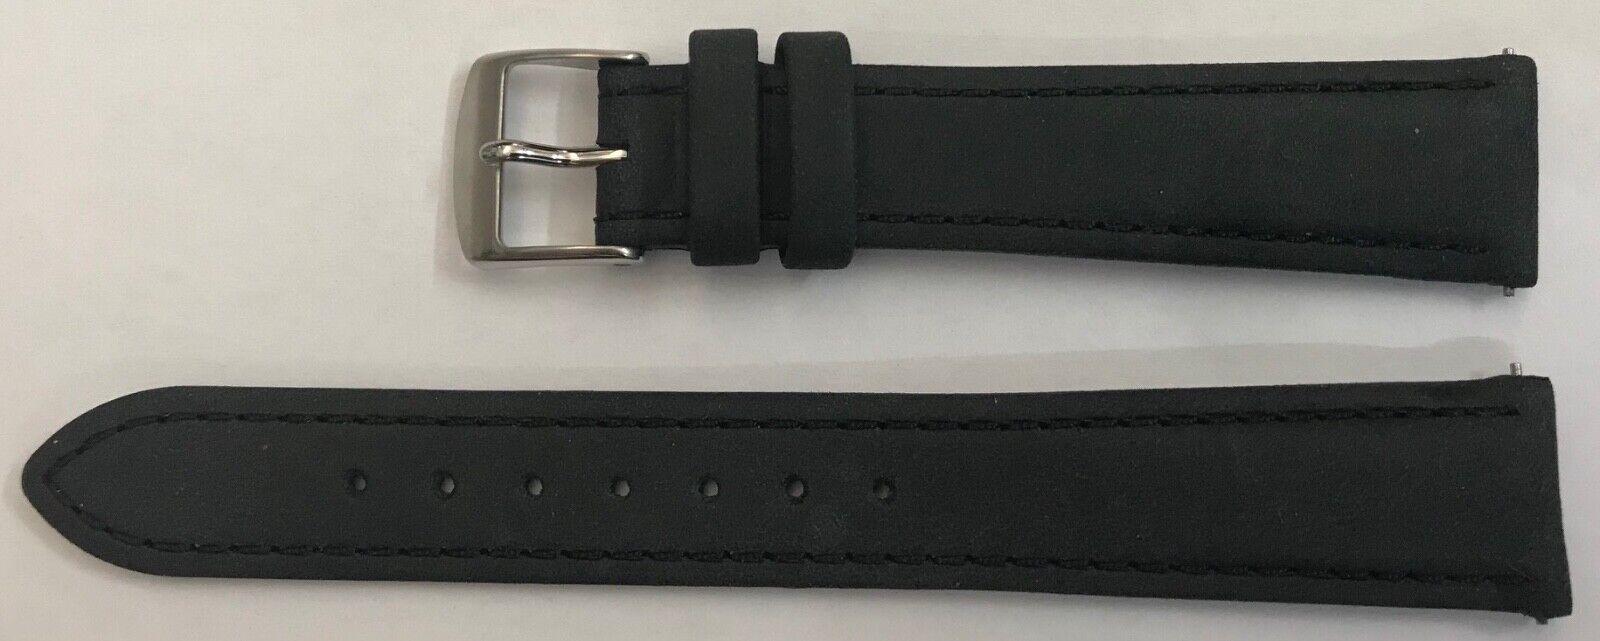 Oris 17mm  Echt Leder Uhren Armband in Schwarz stahl Dornschliesse